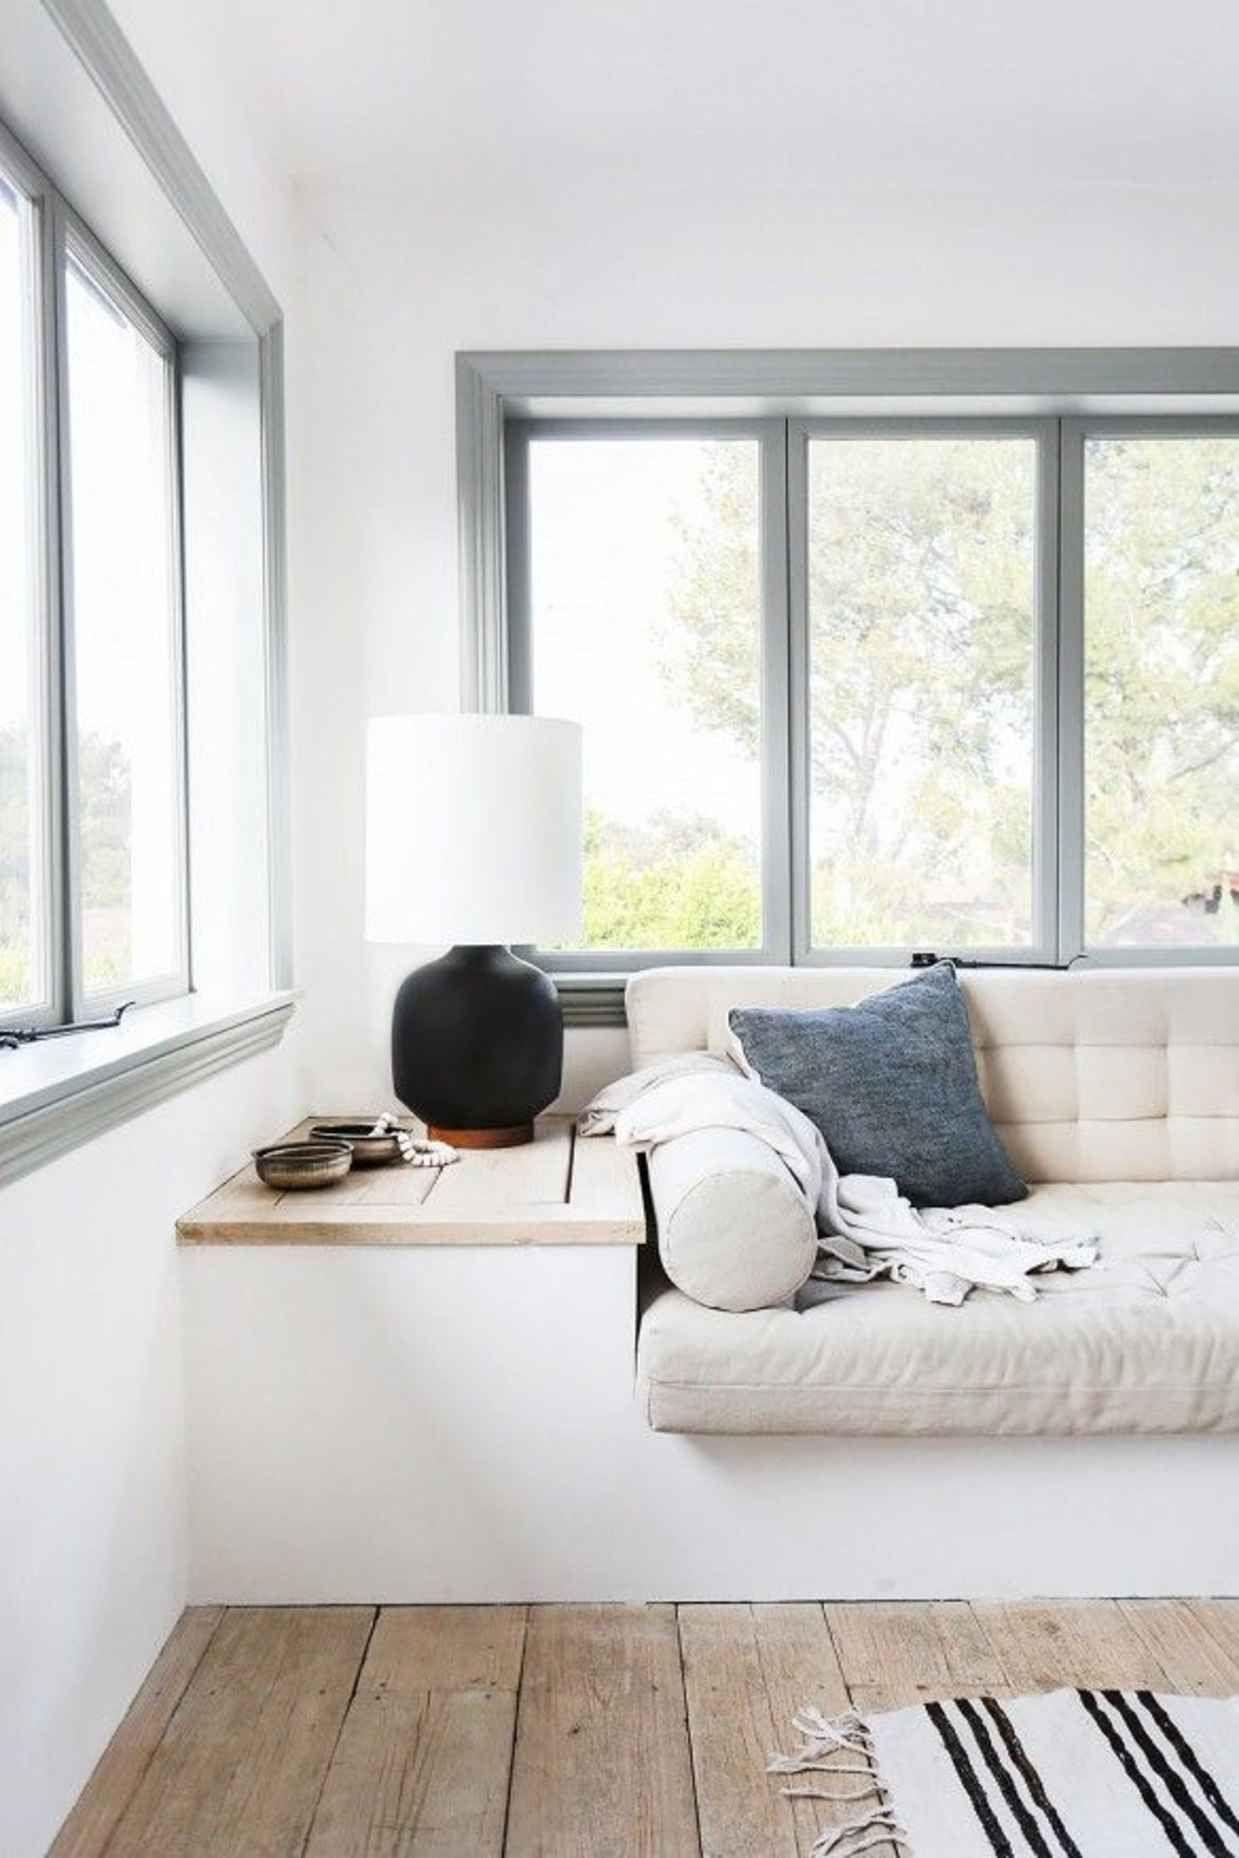 20 Examples Of Minimal Interior Design #21 | Wohnzimmer, Wohnideen ...